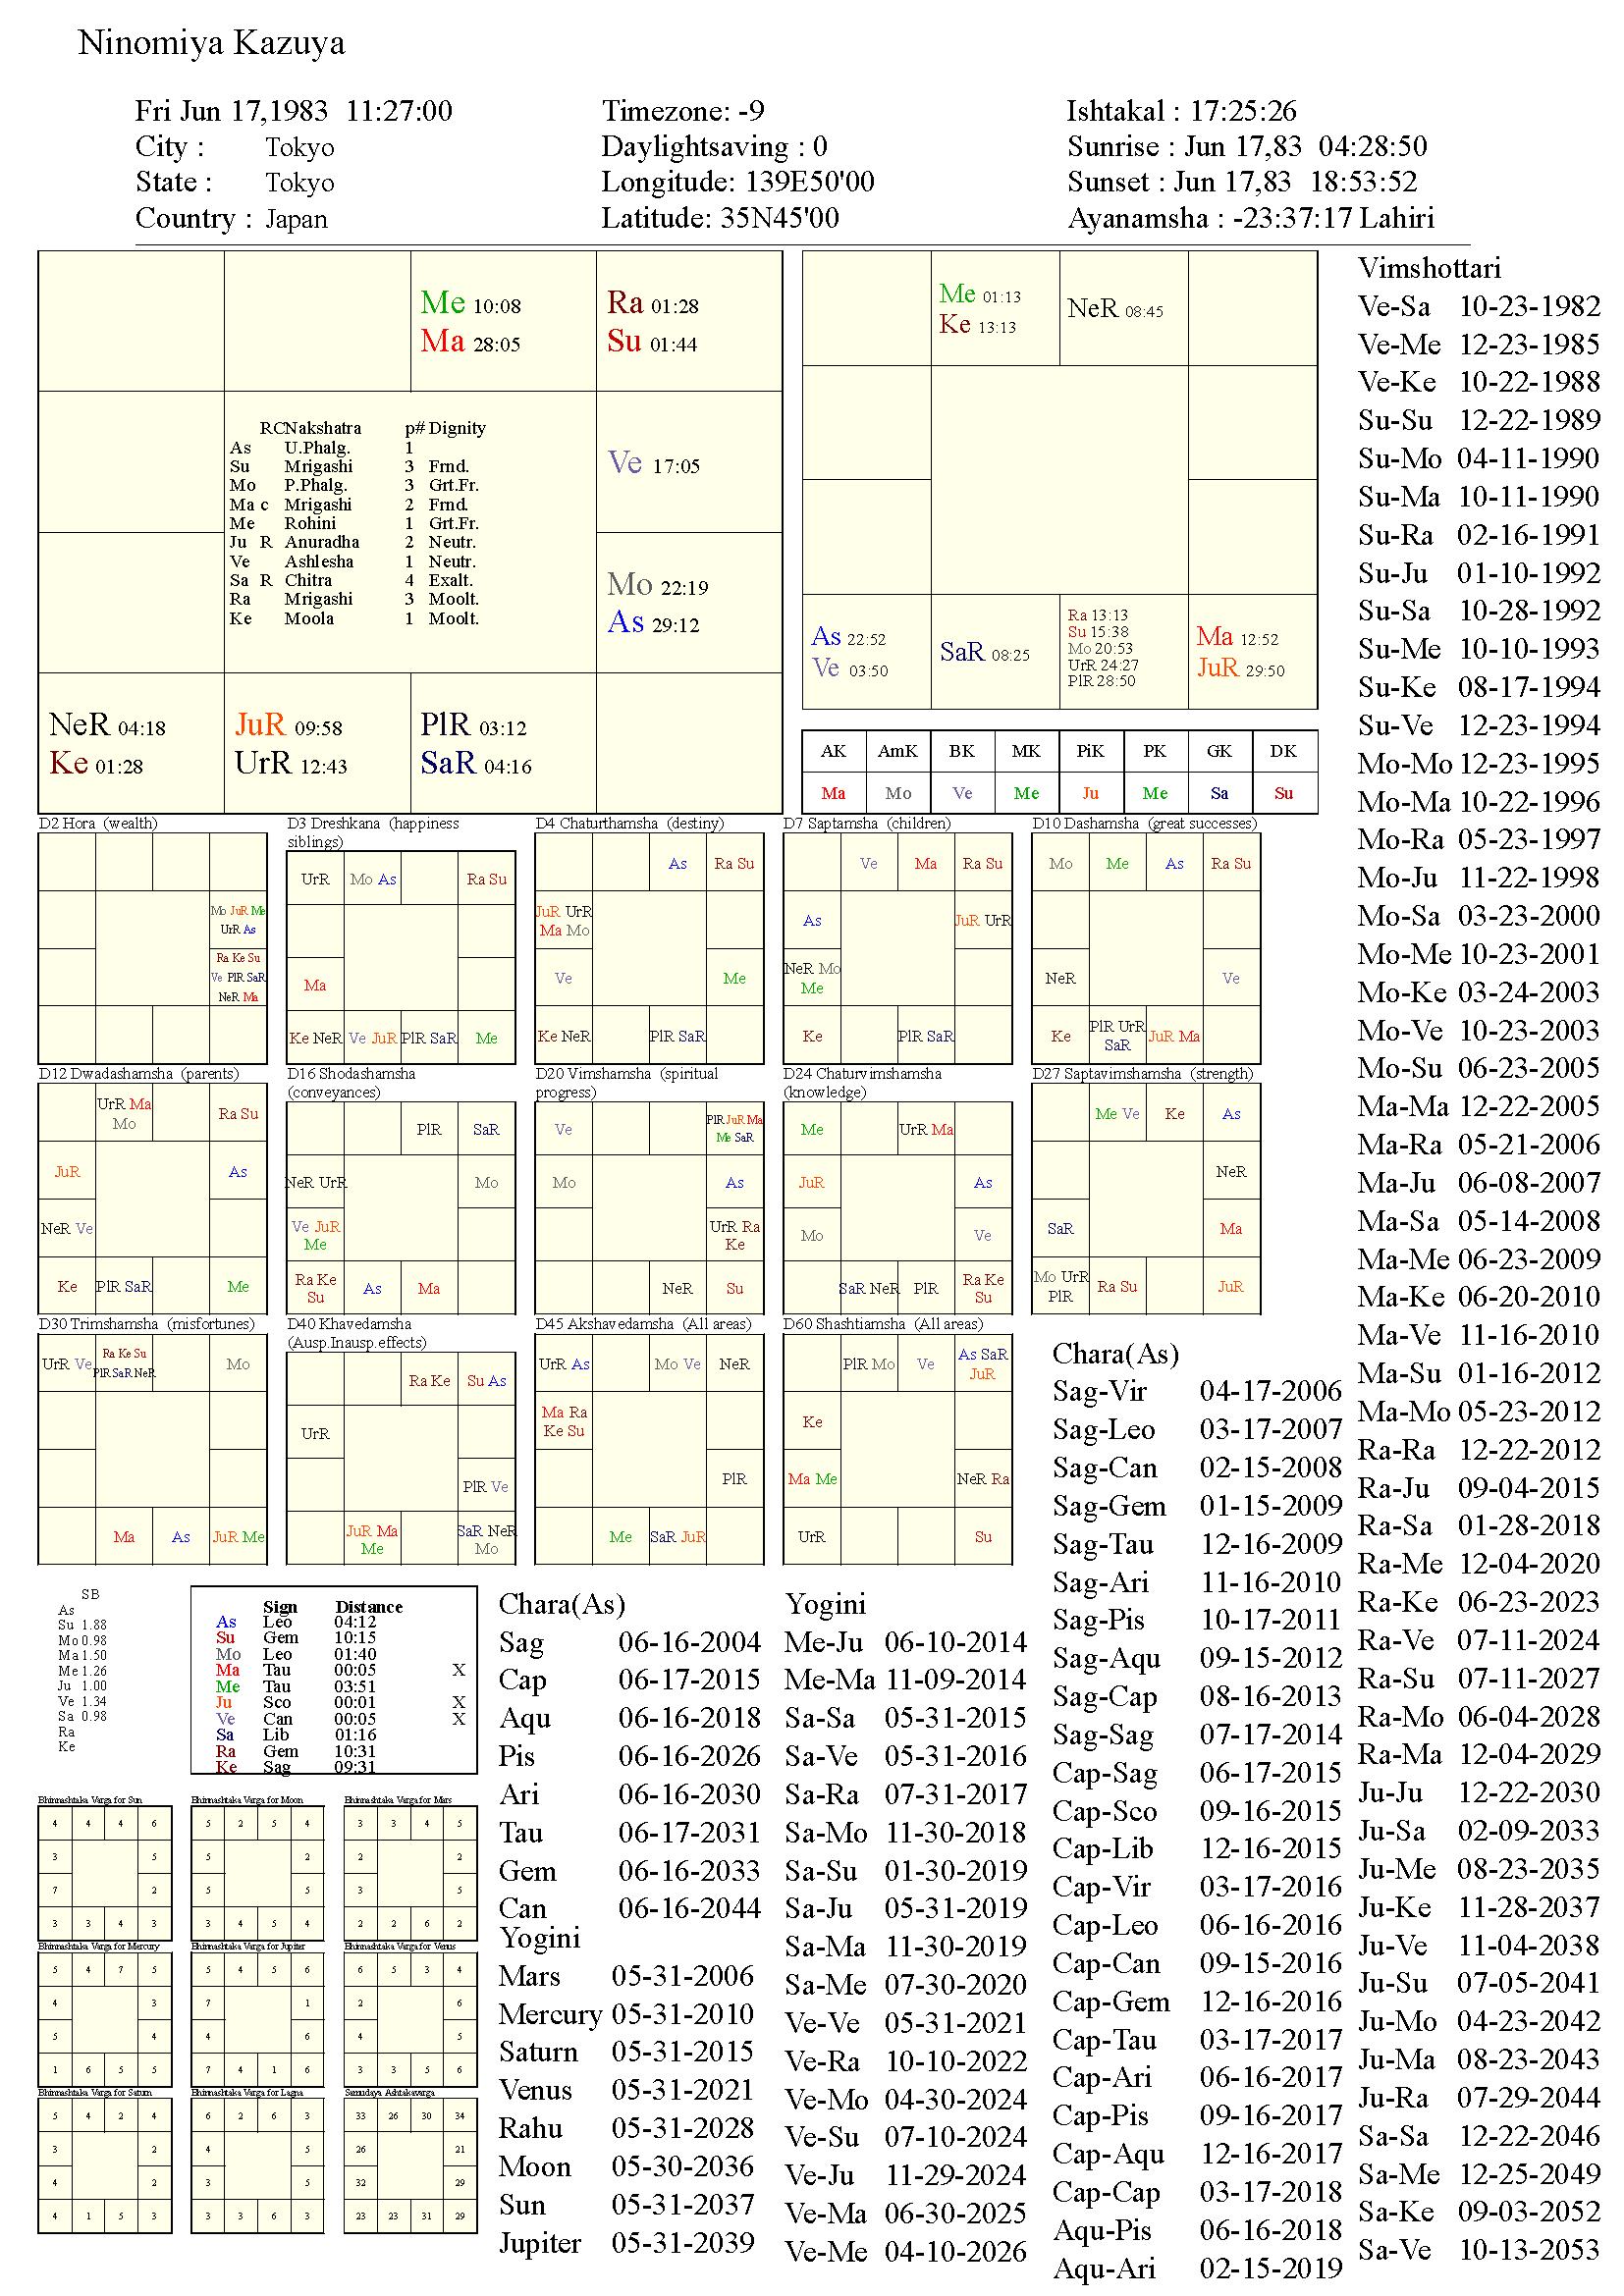 ninomiyakazuya_chart